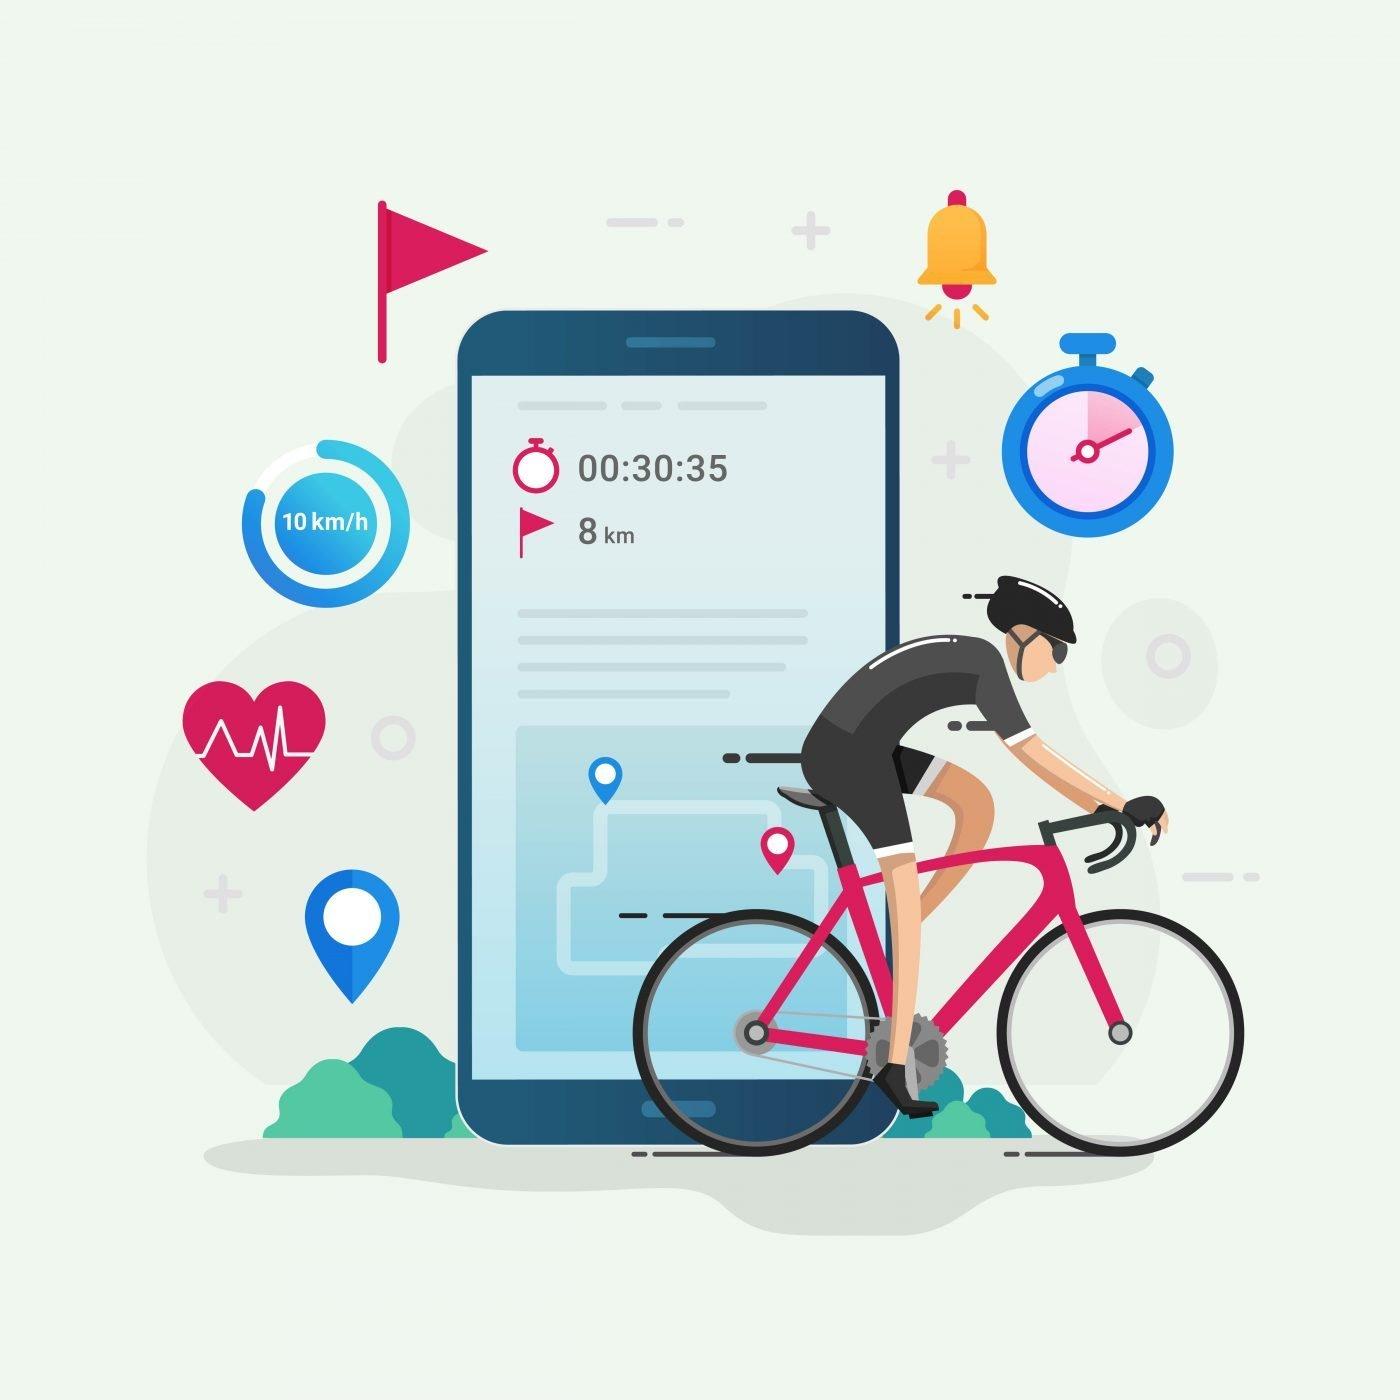 Las mejores aplicaciones de ciclismo